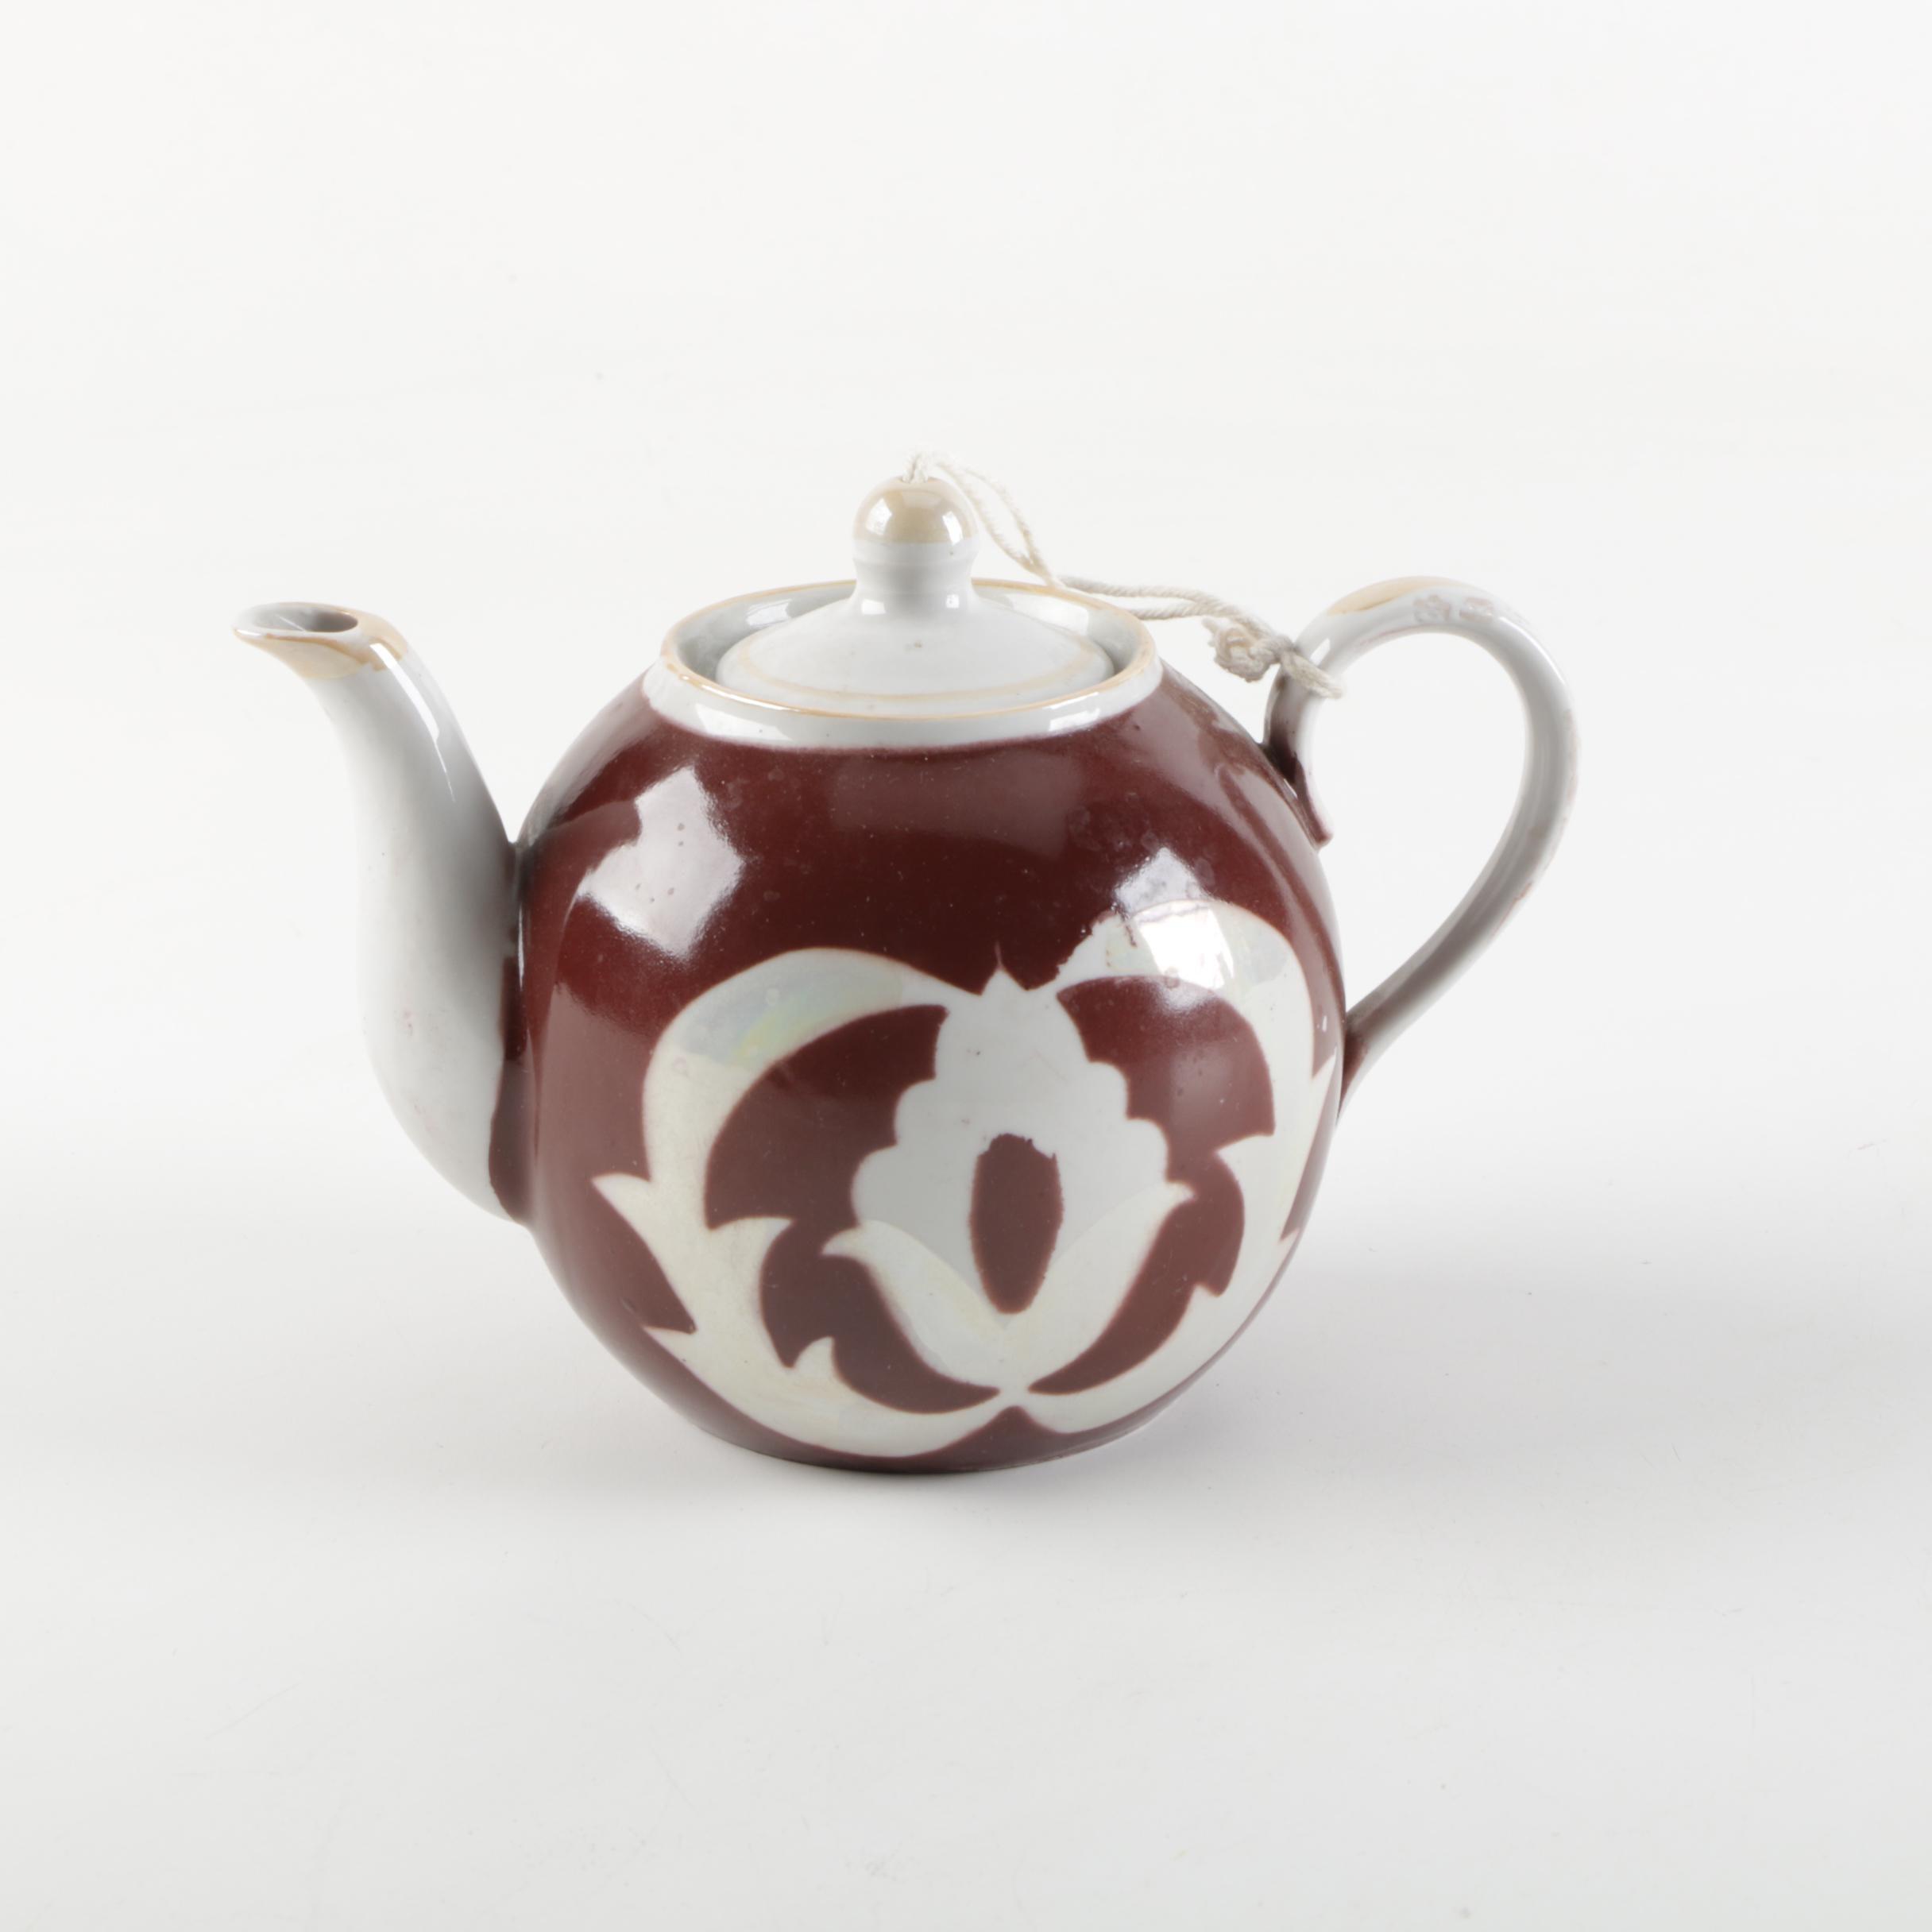 Antique Russian Porcelain Teapot